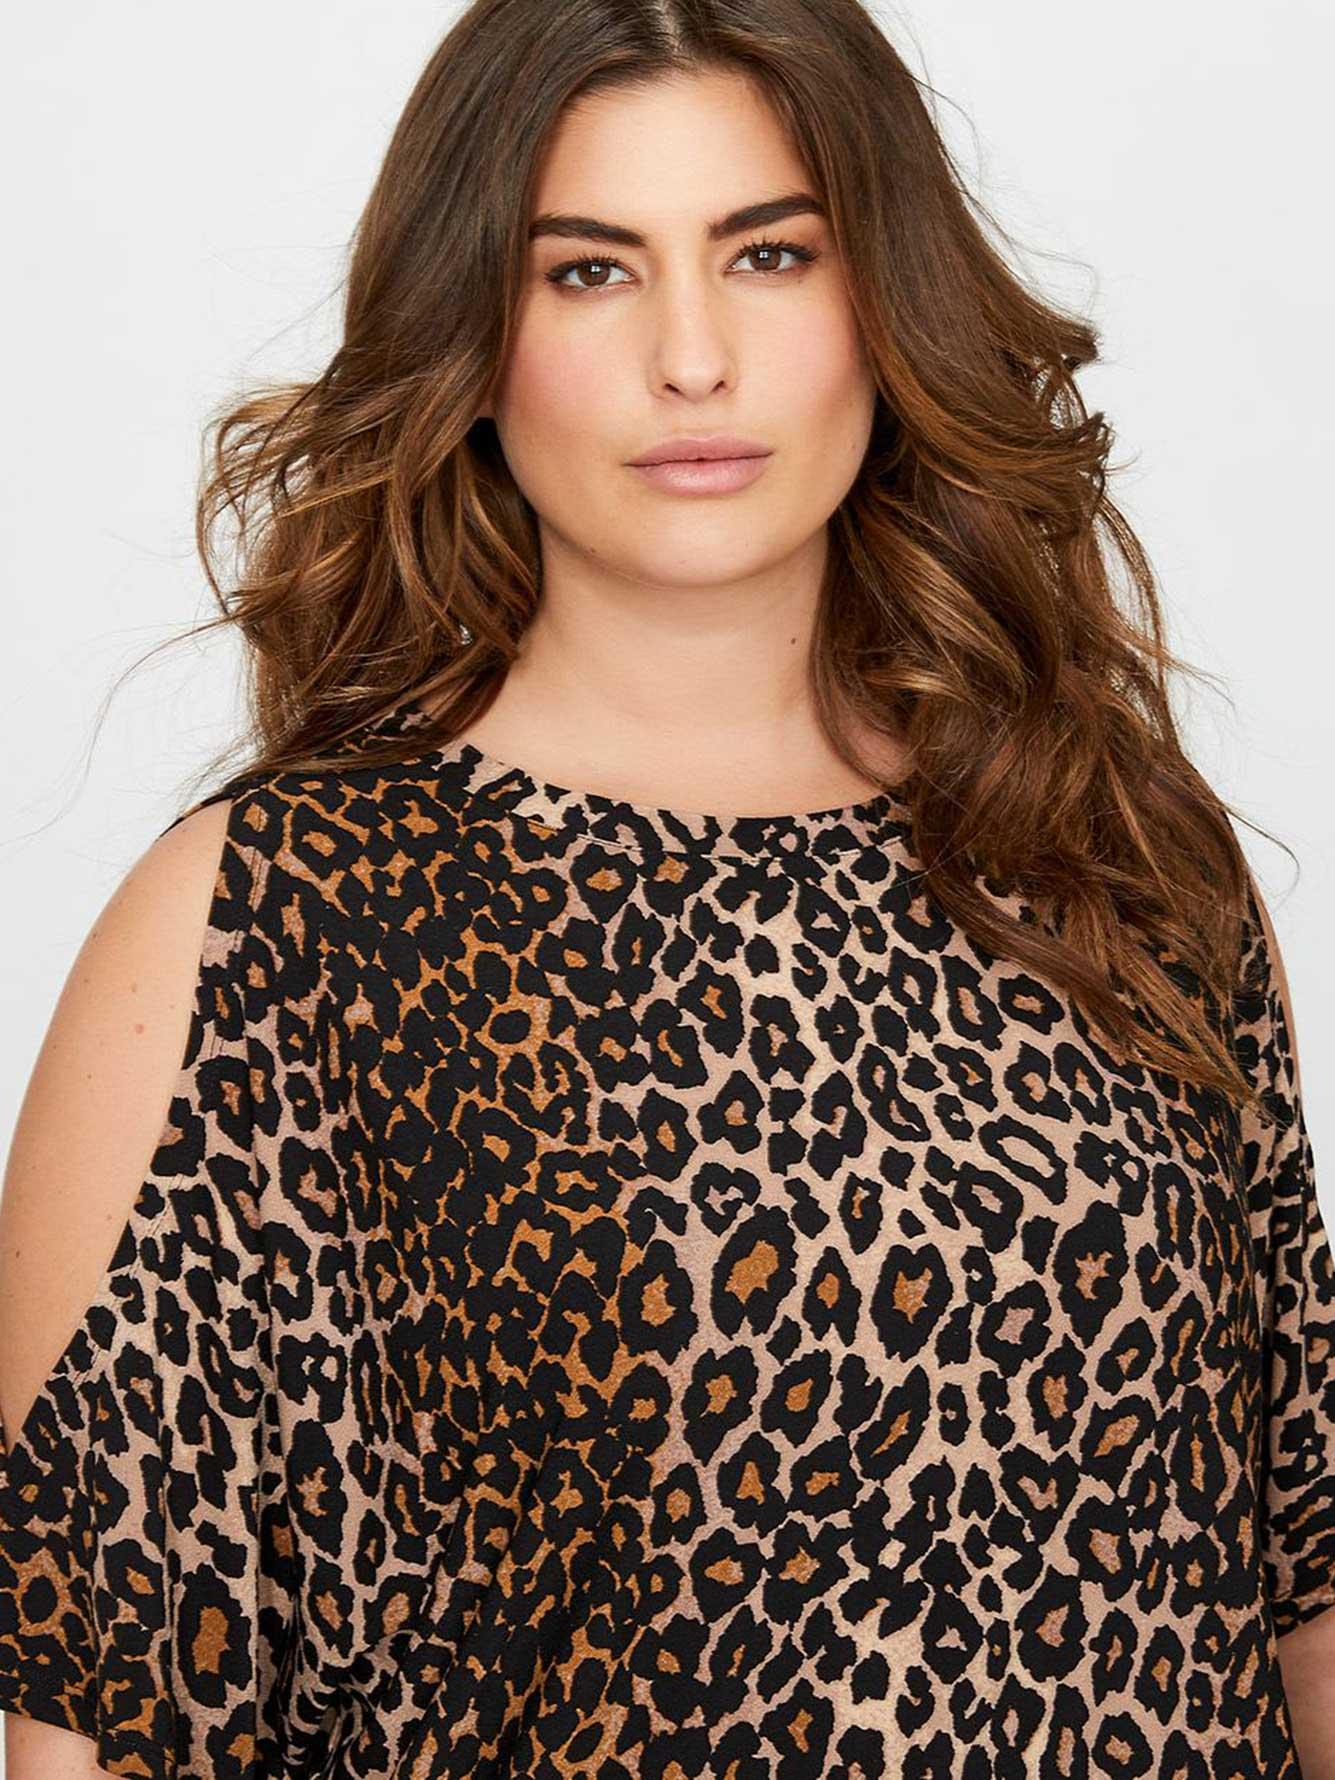 f3f6453e4bea2f Rachel Roy Leopard Print Cold Shoulder Top